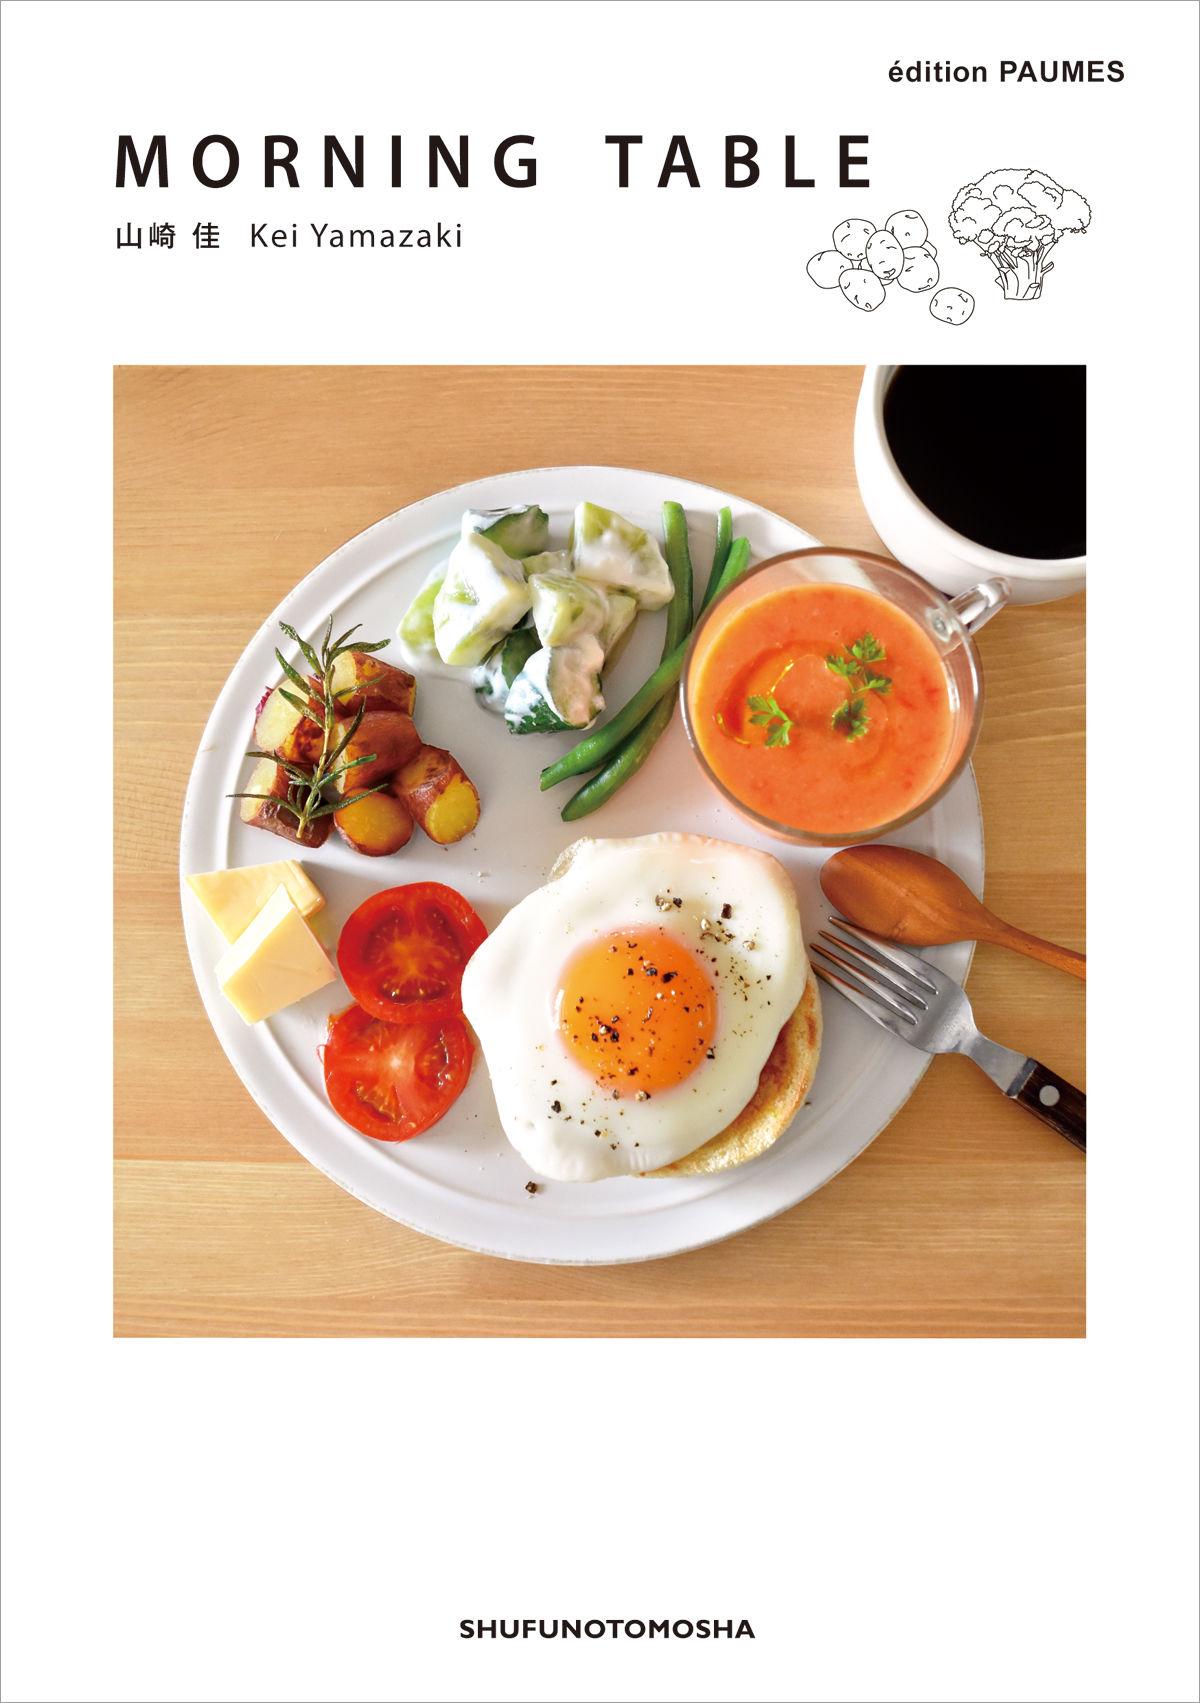 インスタグラマー「keiyamazaki」が作る、美しい朝ごはん。中でも、トーストにうっとり・・・